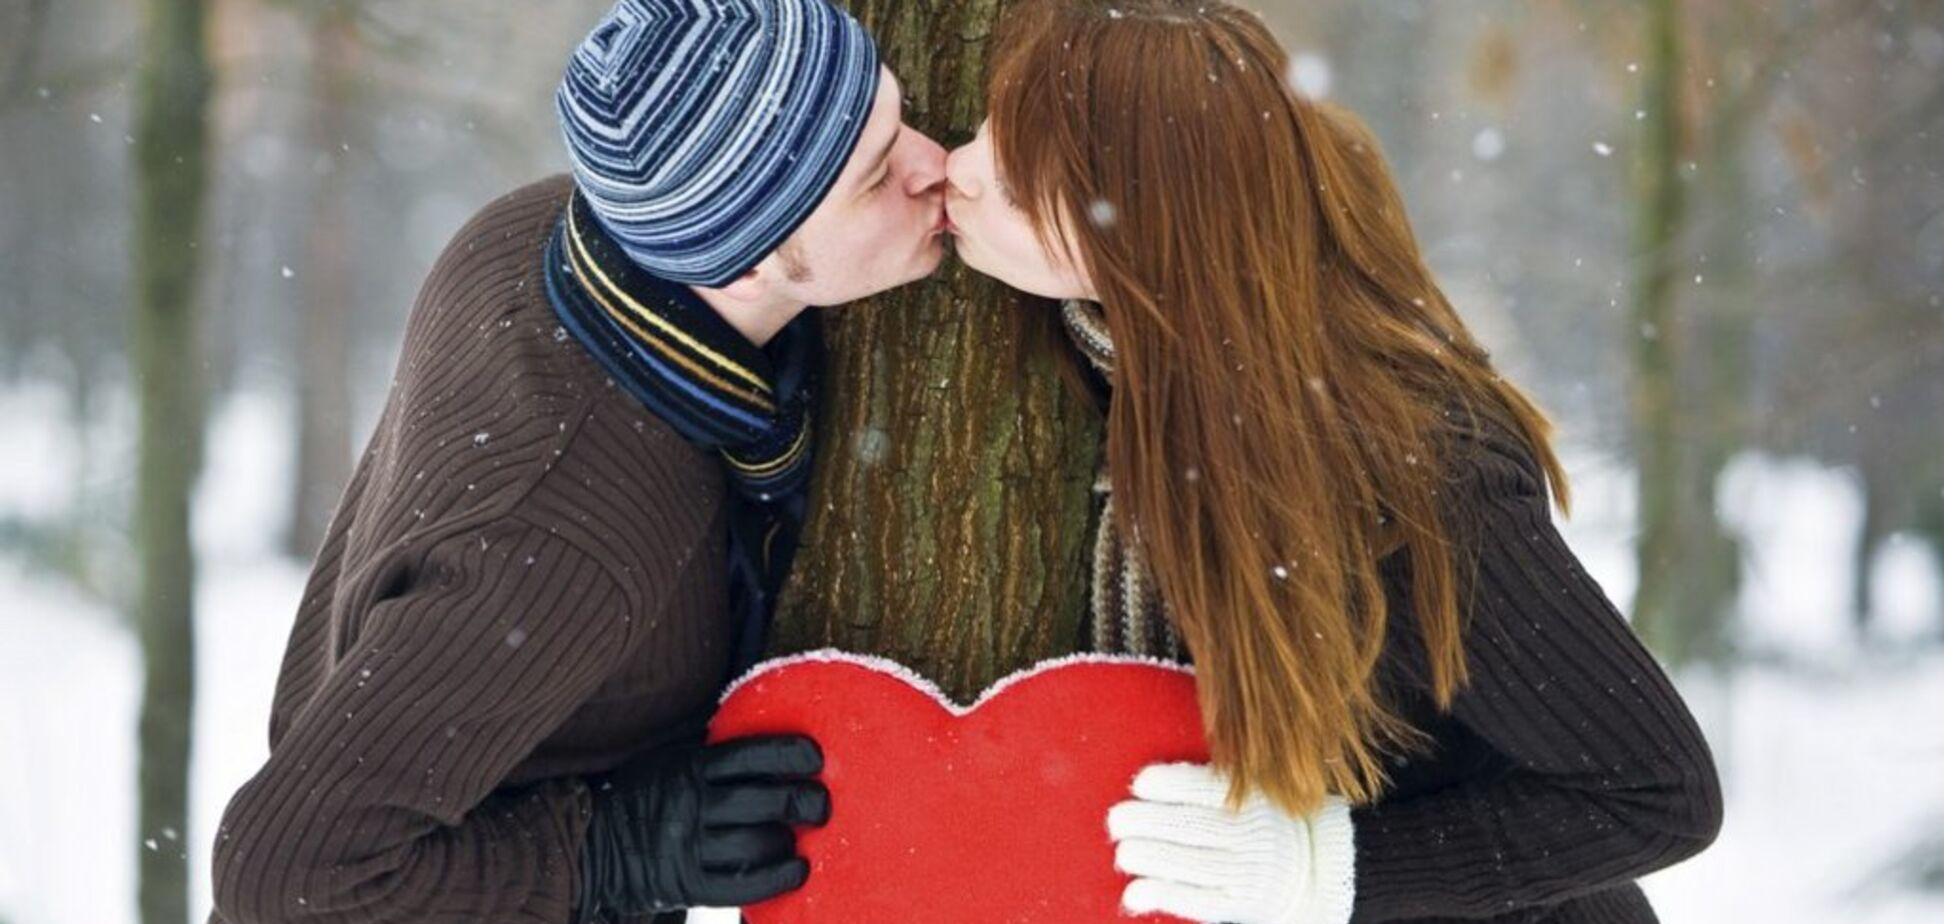 Как сберечь отношения: психолог дала советы влюбленным на День Валентина